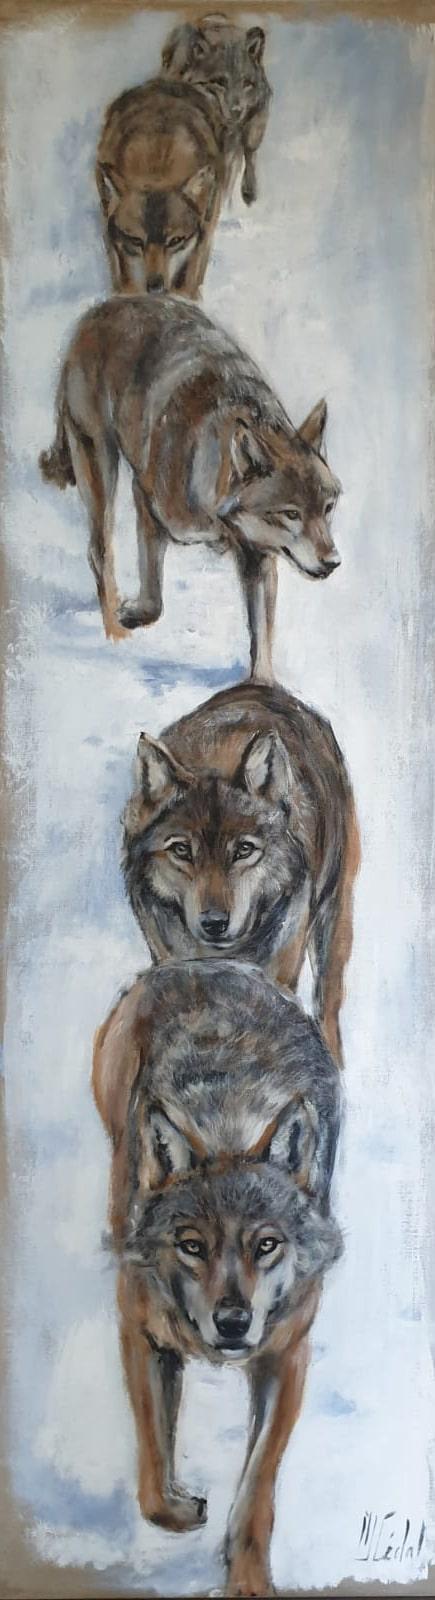 meute de loup - Acrylique sur lin brut - 40 x 40 cm - Marie-Joëlle Cédat artiste animalier peinture animaliere